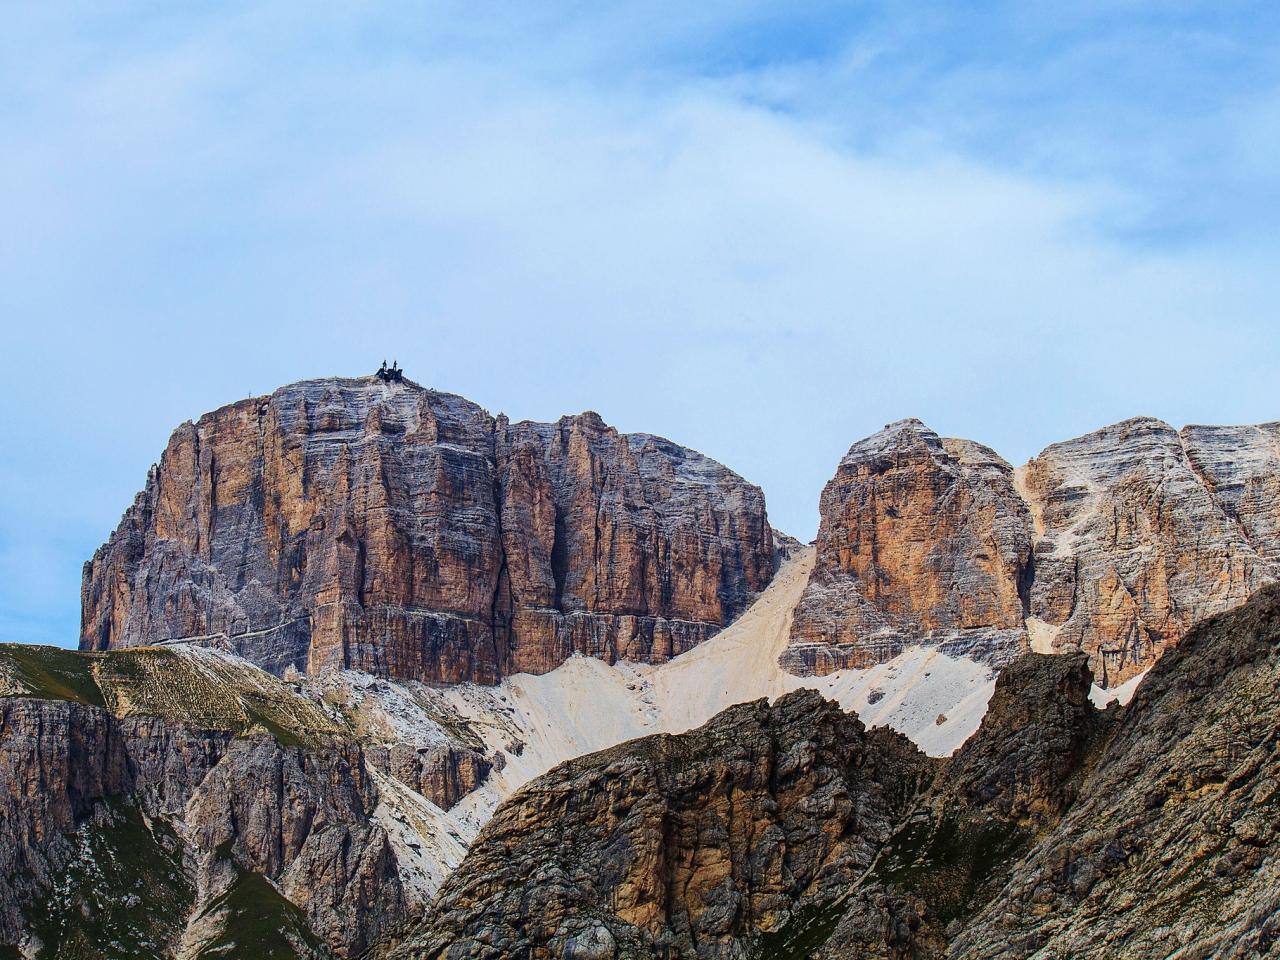 Grandes montañas - 1280x960